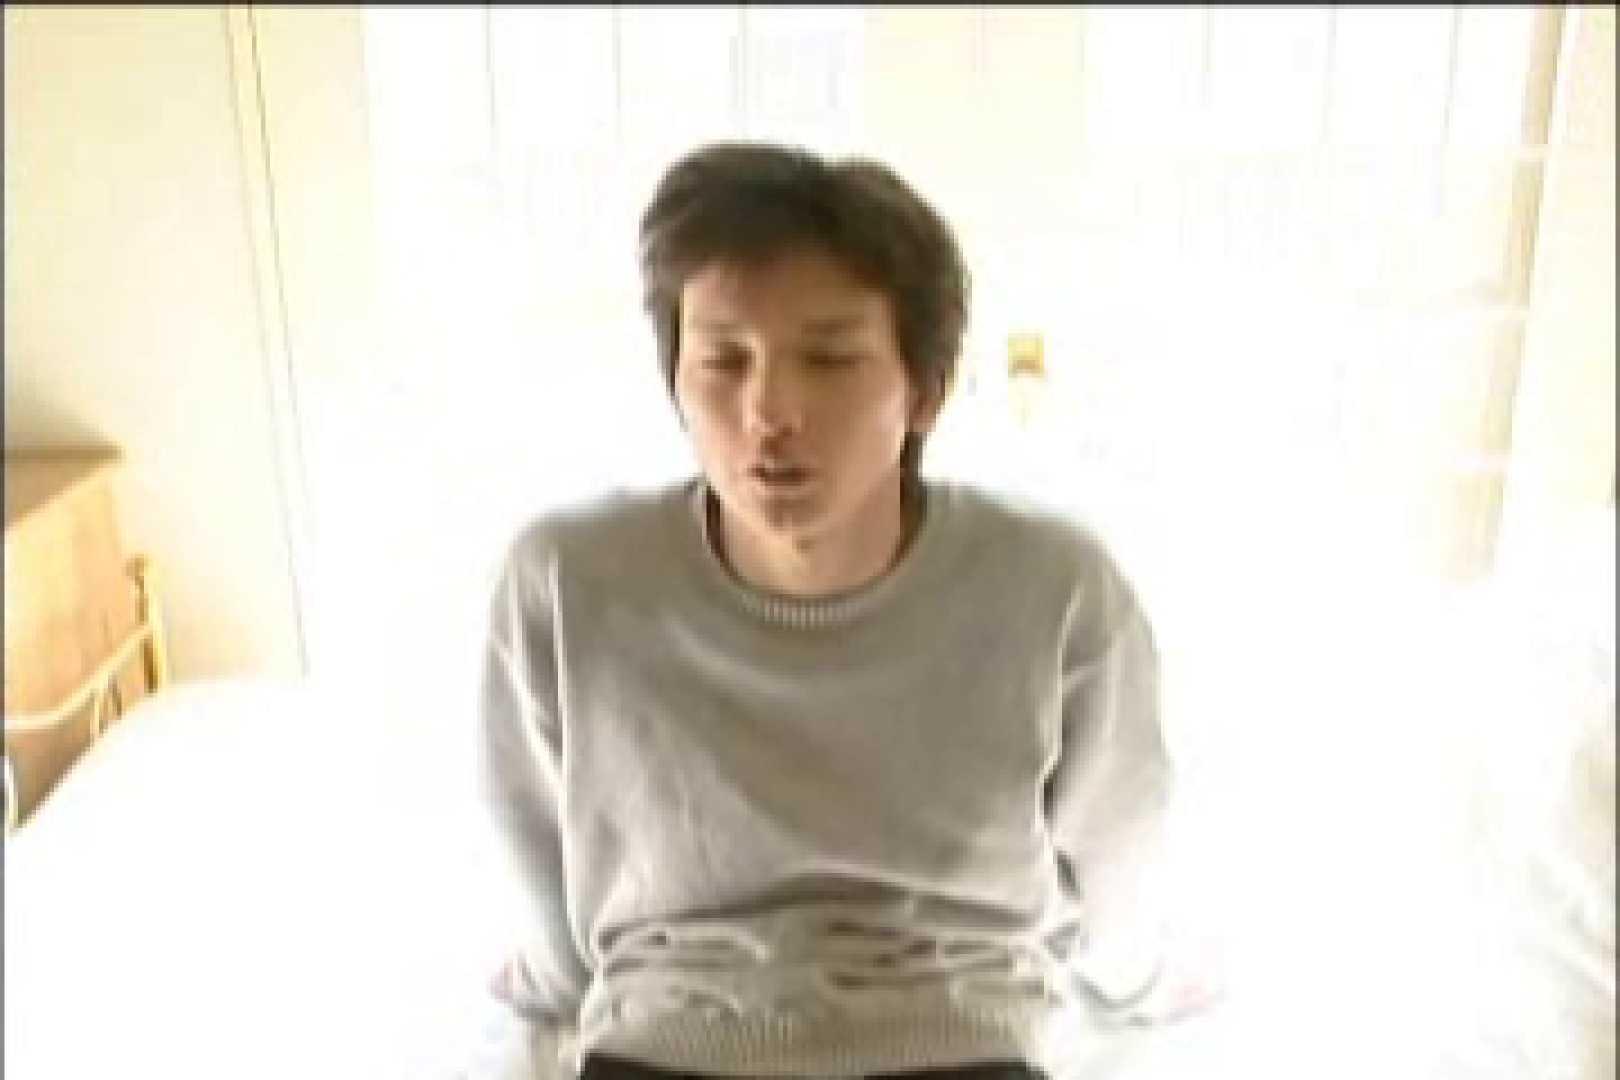 イケメン☆パラダイス〜男ざかりの君たちへ〜vol.26 アナル ゲイザーメン画像 92枚 36